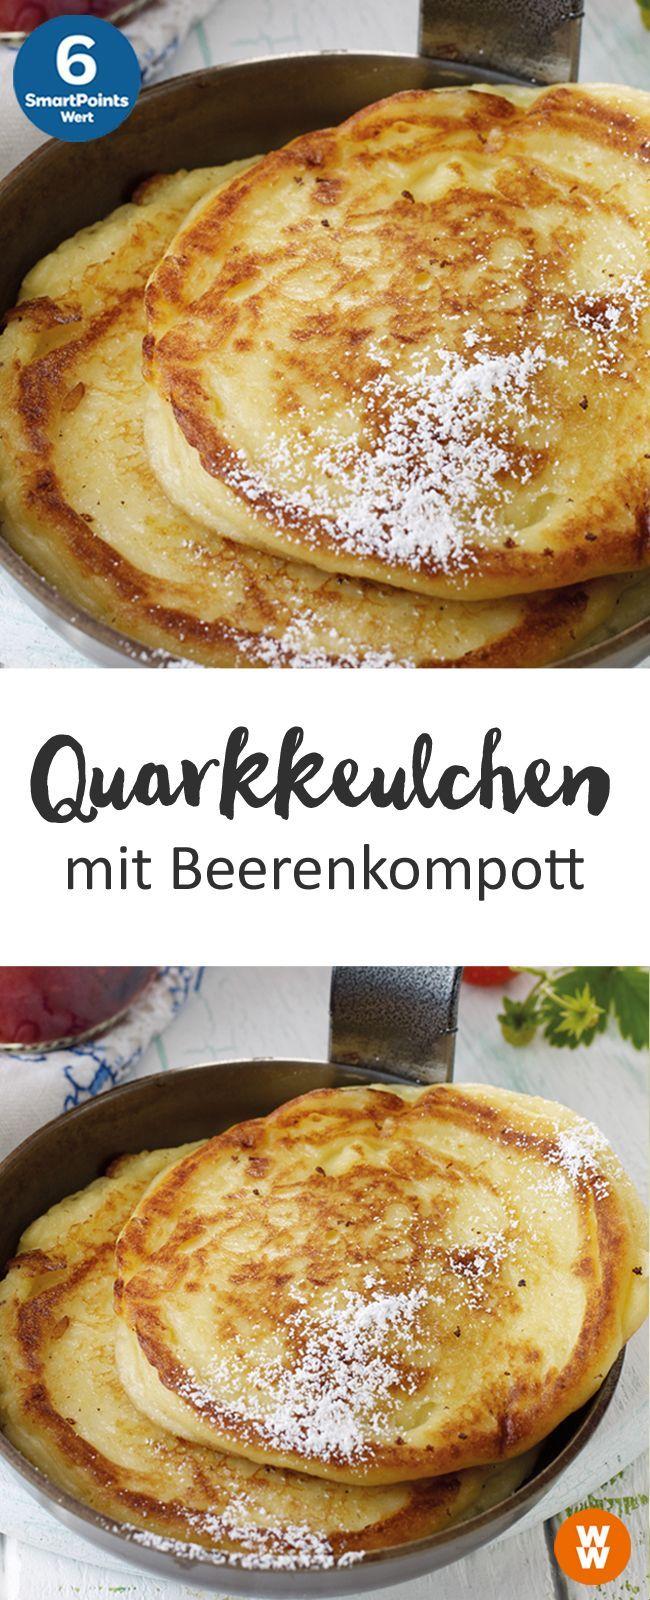 Leckere Quarkkeulchen mit Beerenkompott   Rezept für 4 Portionen, 6 SmartPoints/Portion, Weight Watchers, Frühstück